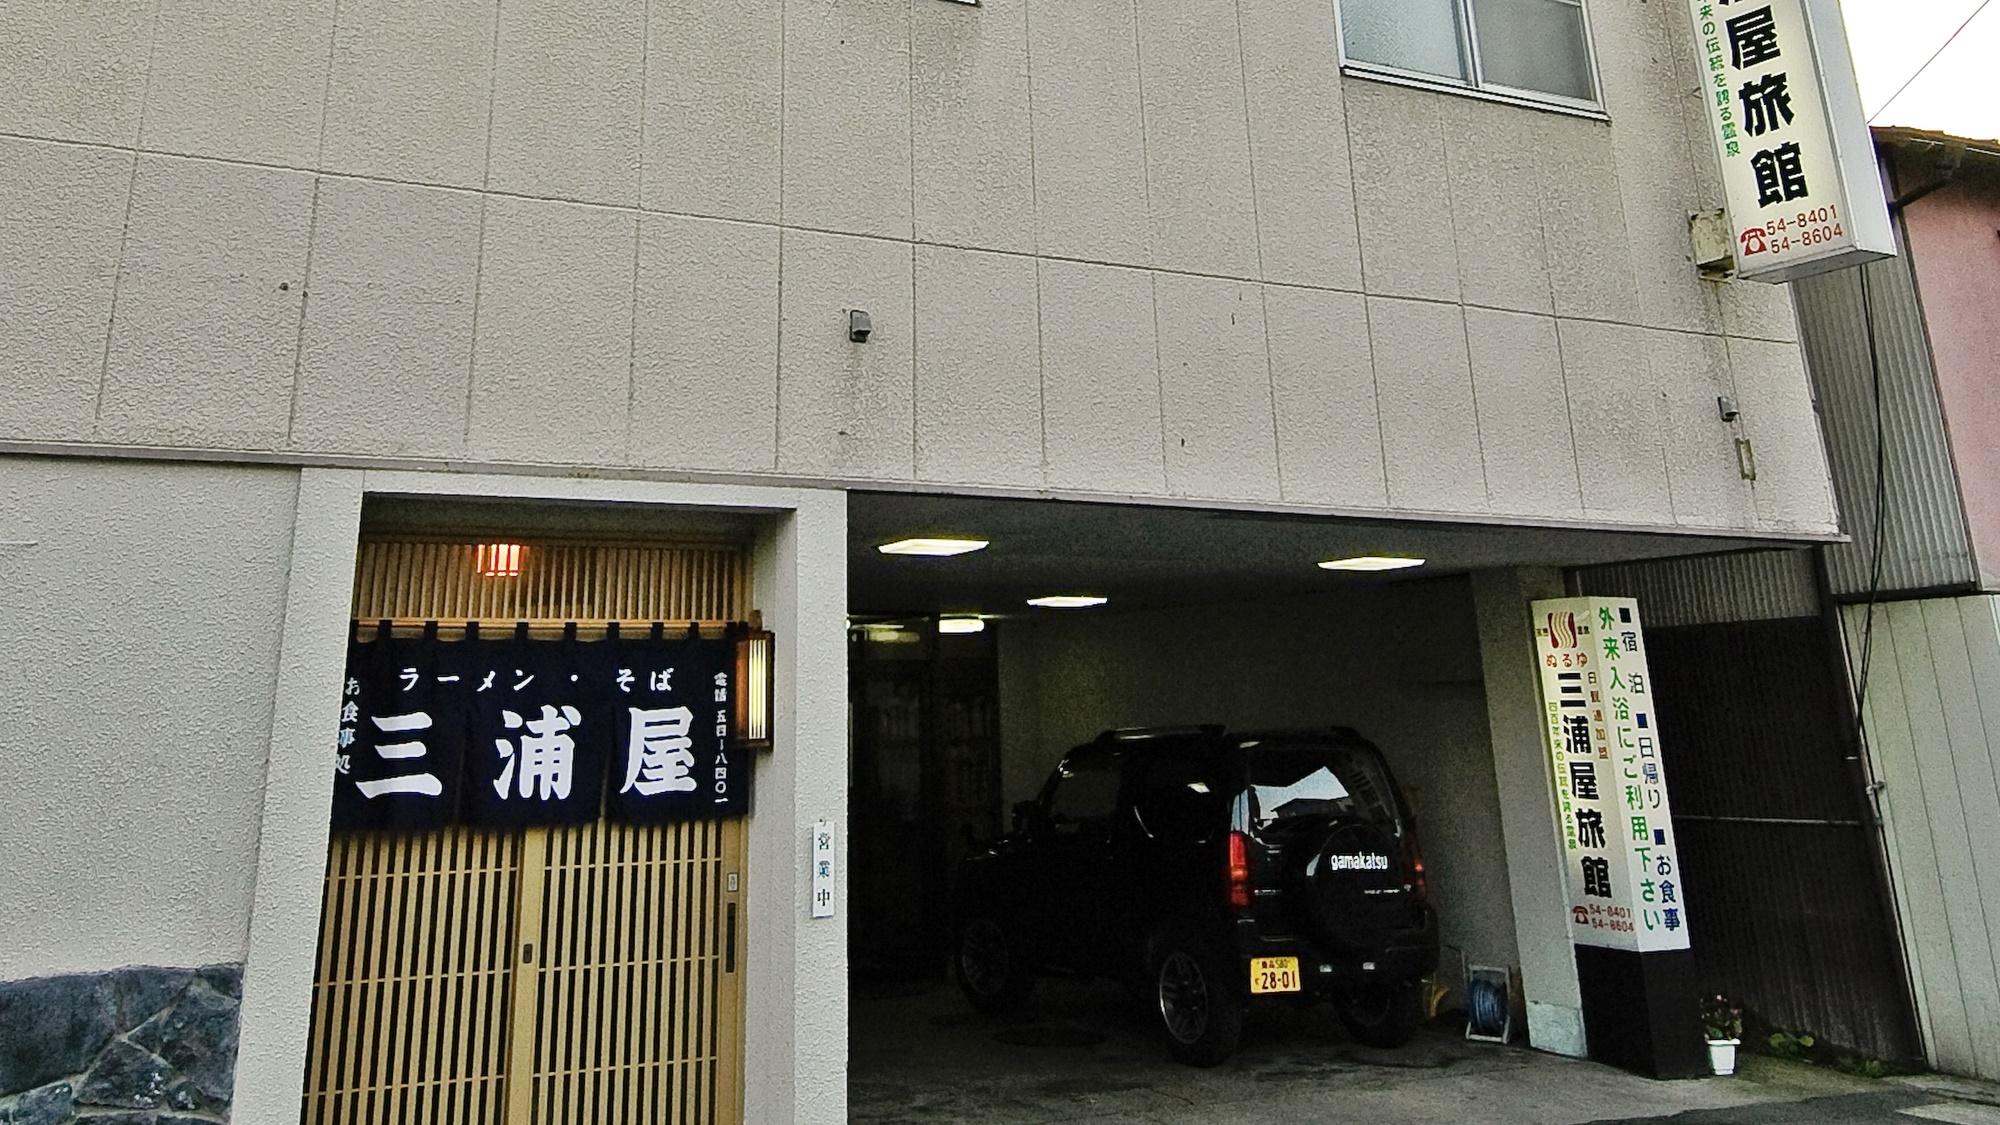 黒石温泉 三浦屋旅館 image